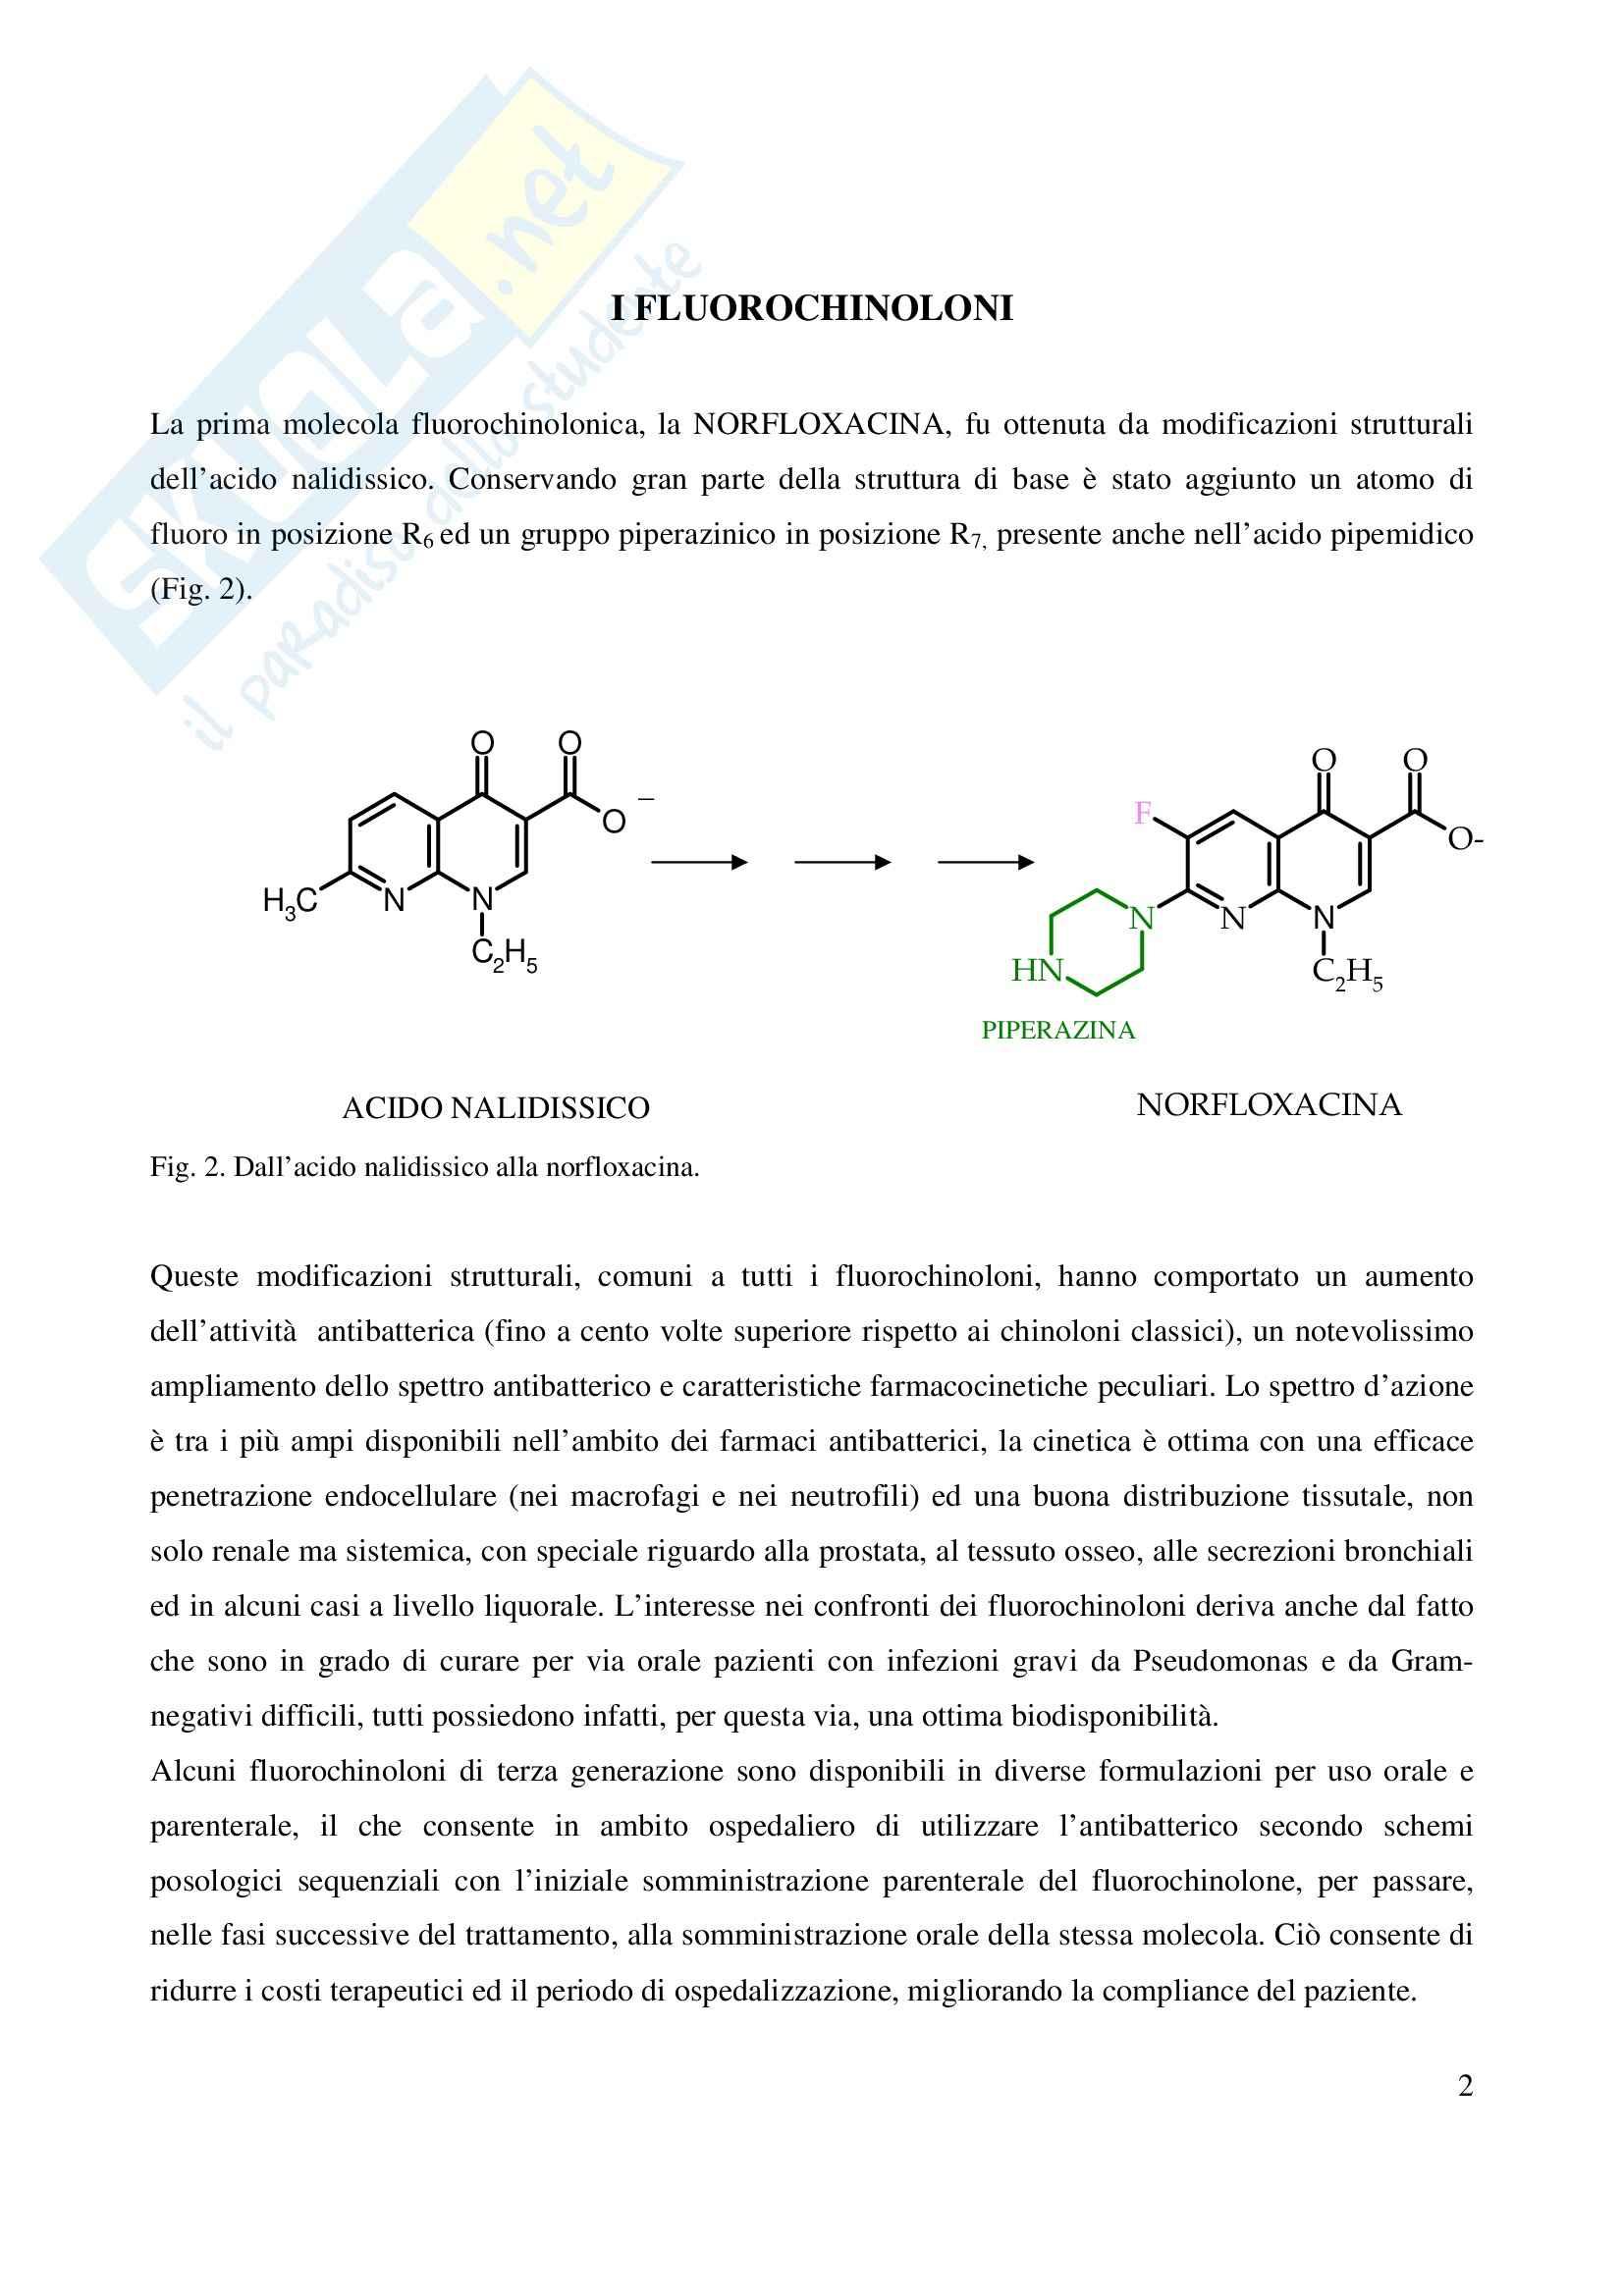 Chimica farmaceutica - fluorochinoloni Pag. 2